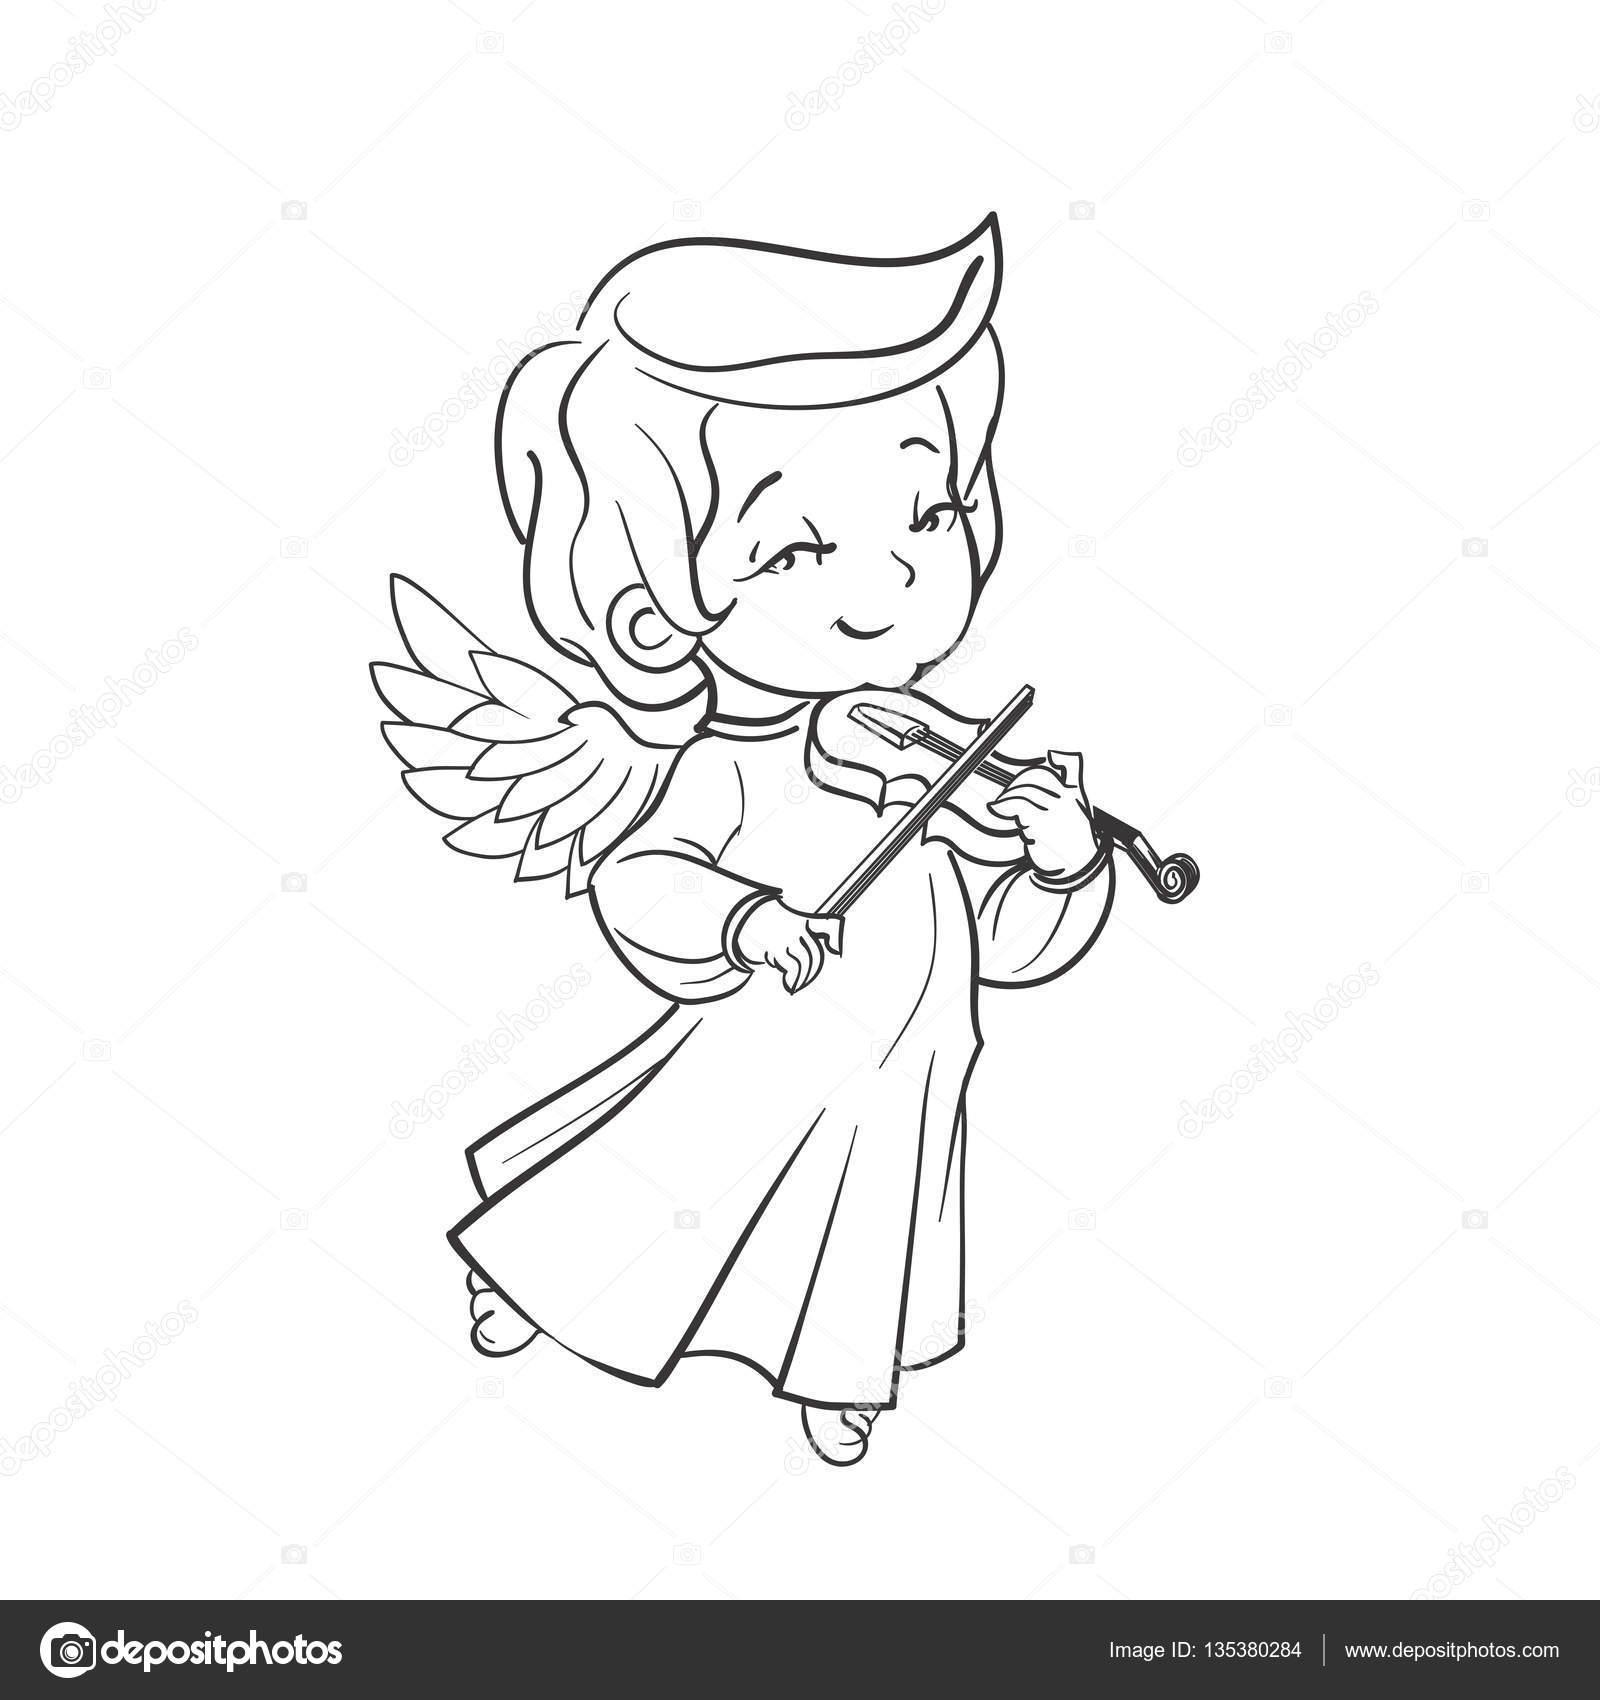 Ángel lindo bebé hacer música tocando violín — Archivo Imágenes ...